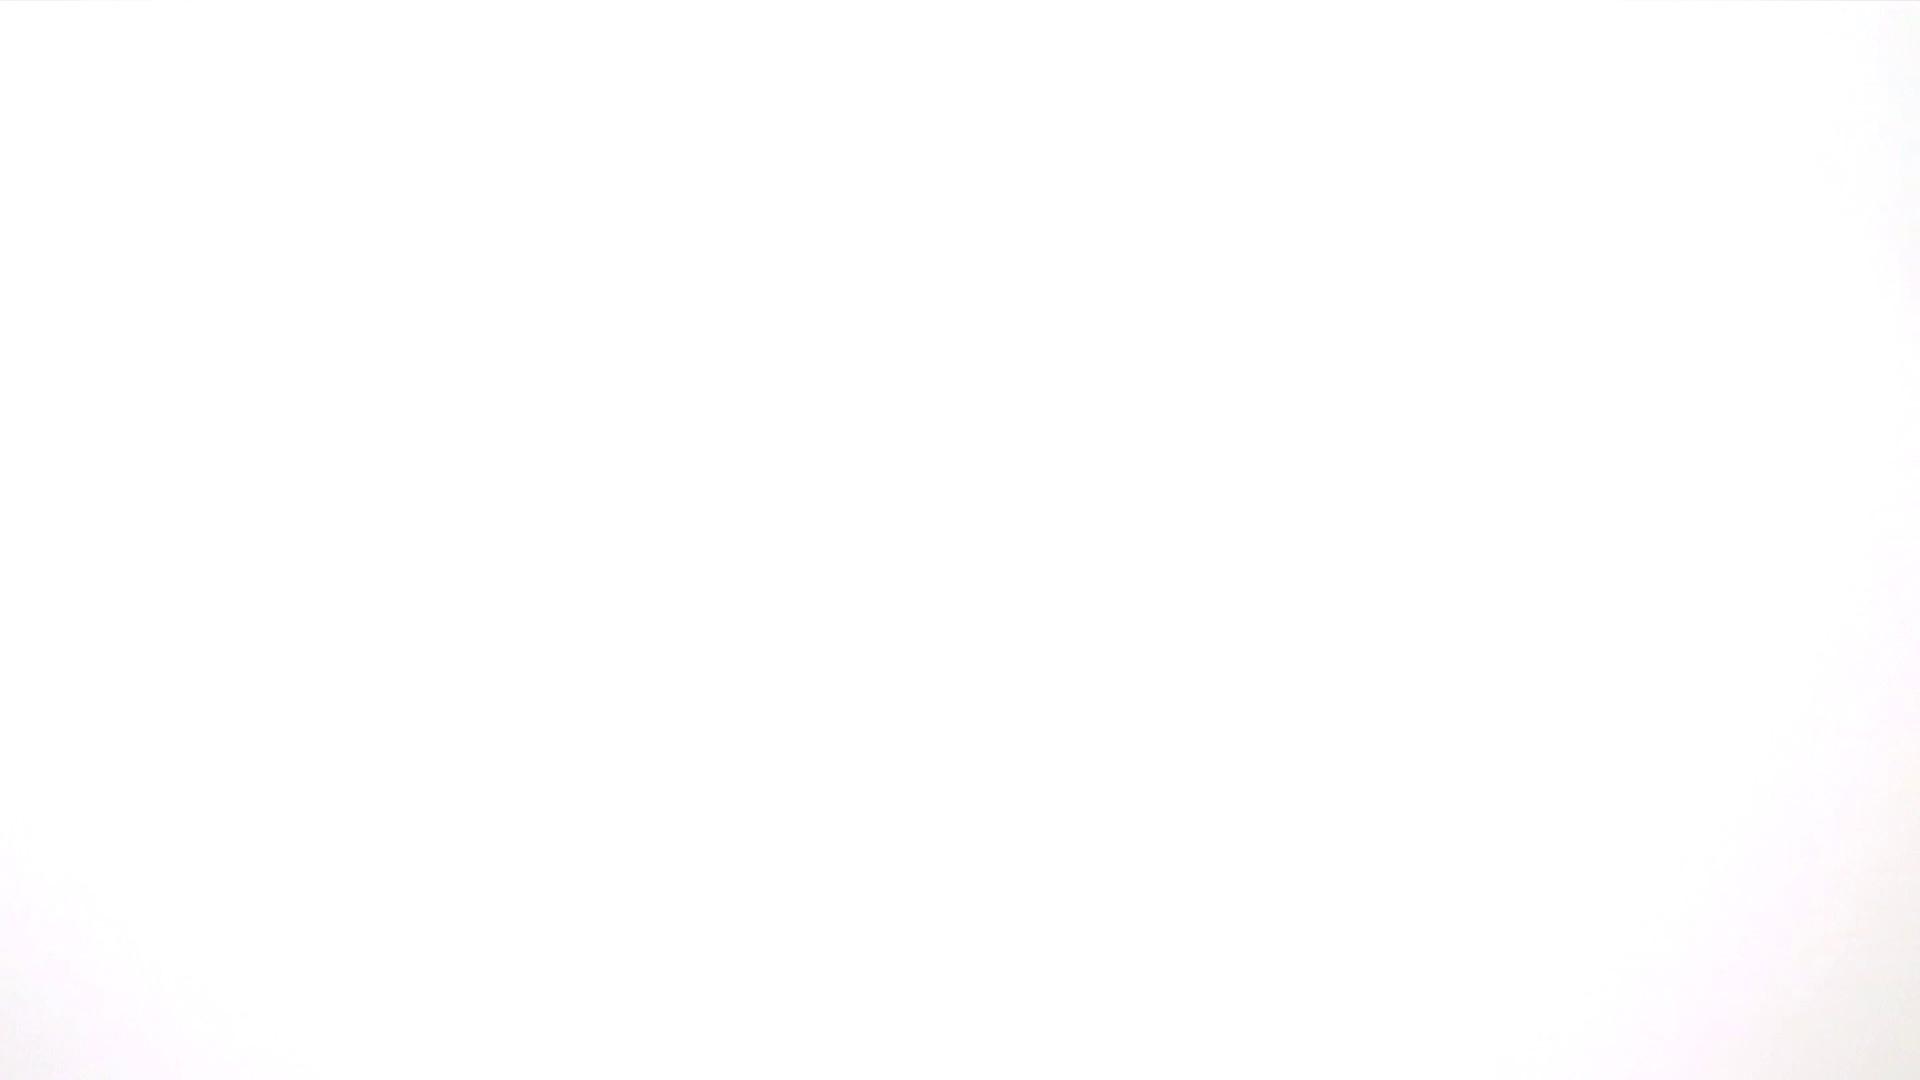 ※100個限定販売 至高下半身盗撮-プレミアム-【体育館編】VOL.4 盗撮で悶絶   ギガ乳  58画像 56